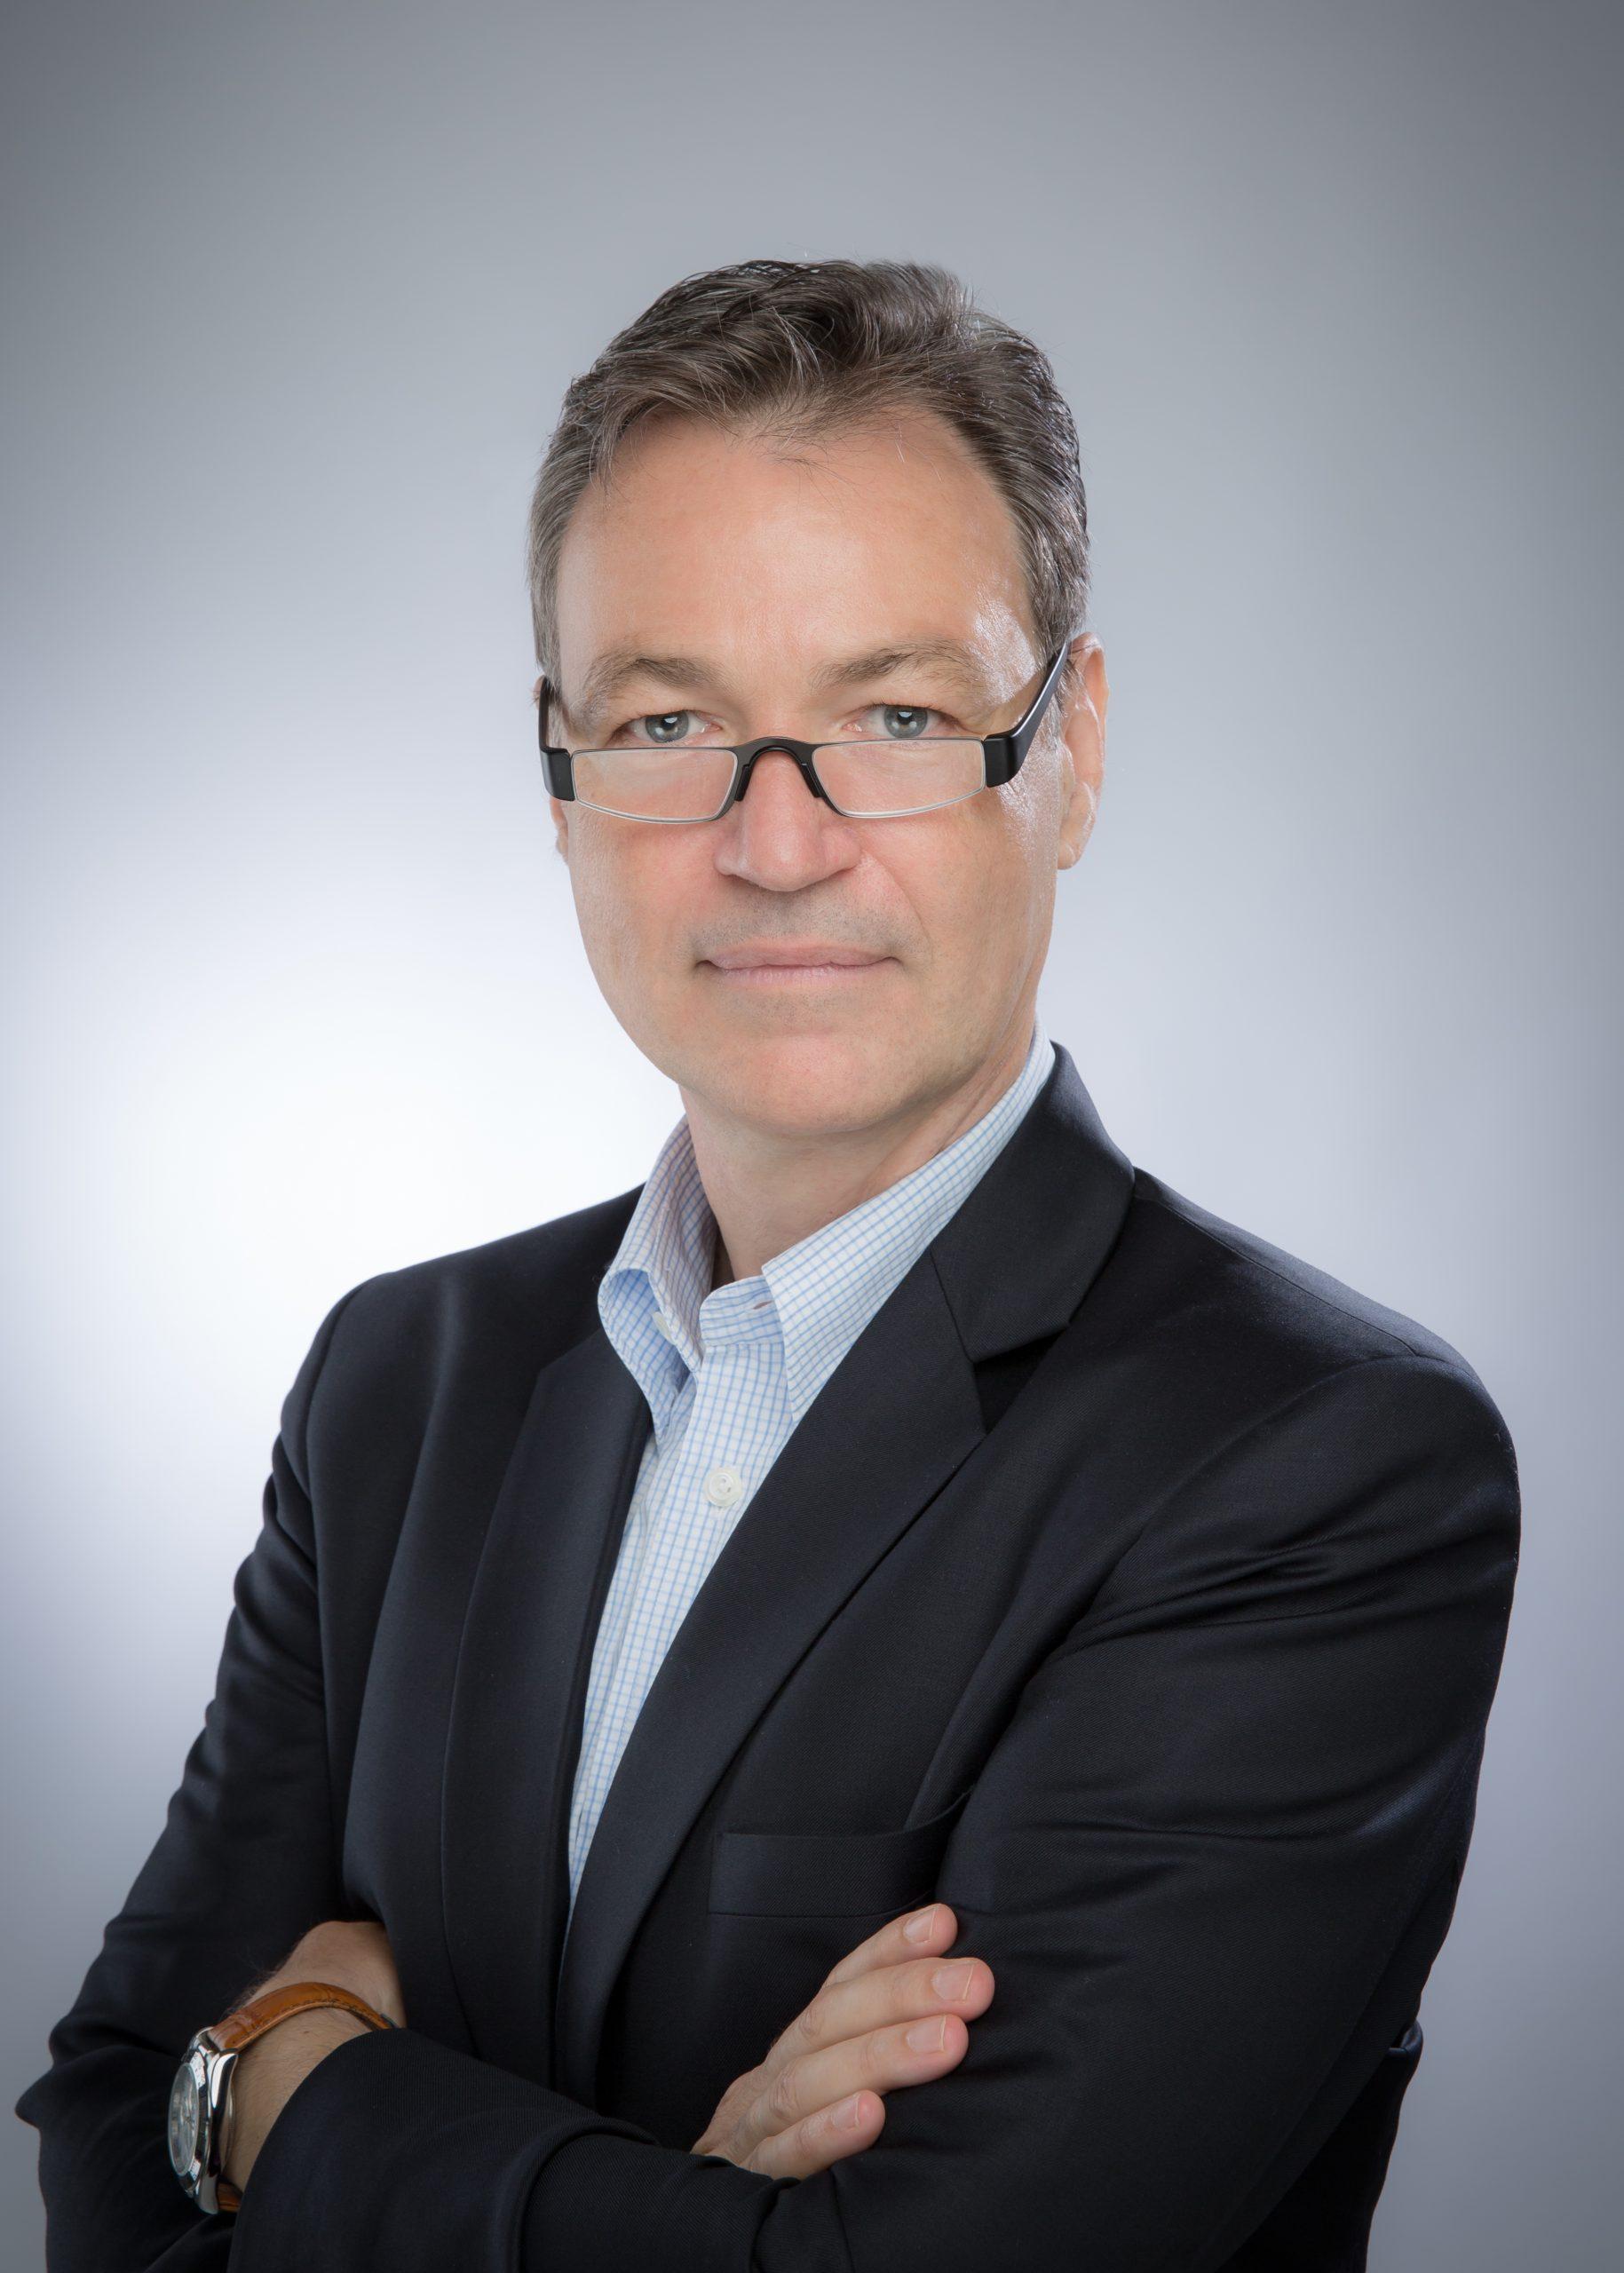 Norbert Gantner